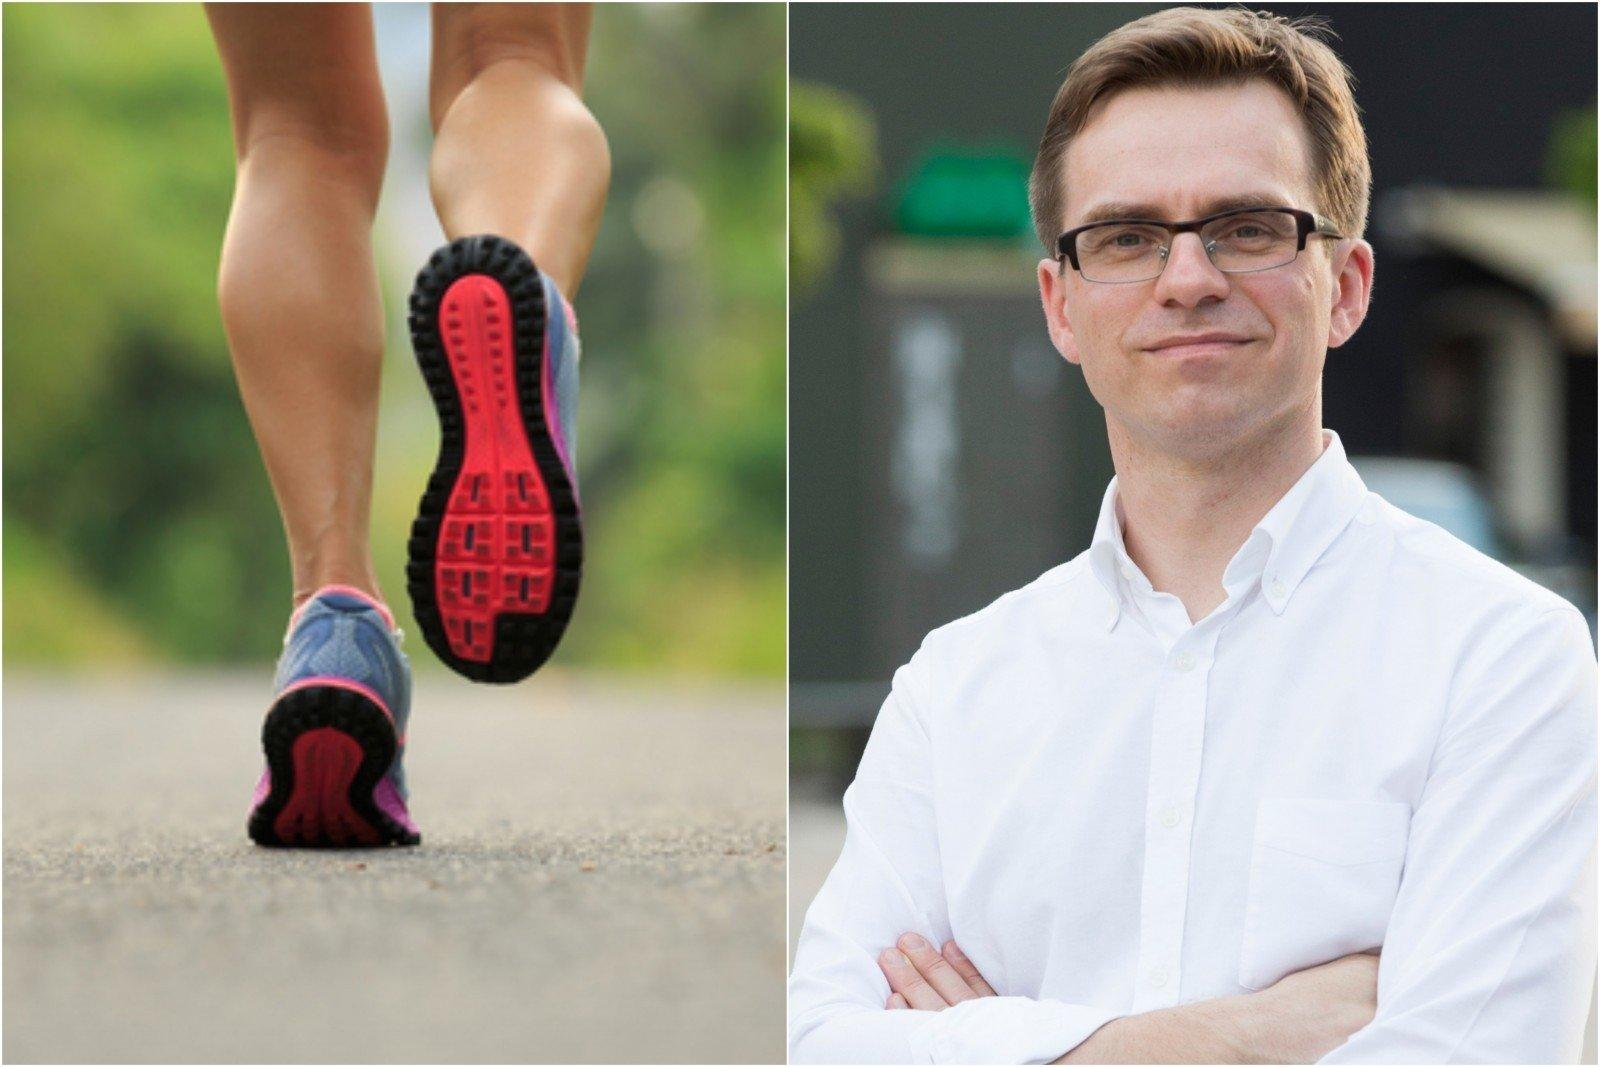 Kaip tinkamai pasirengti maratonui